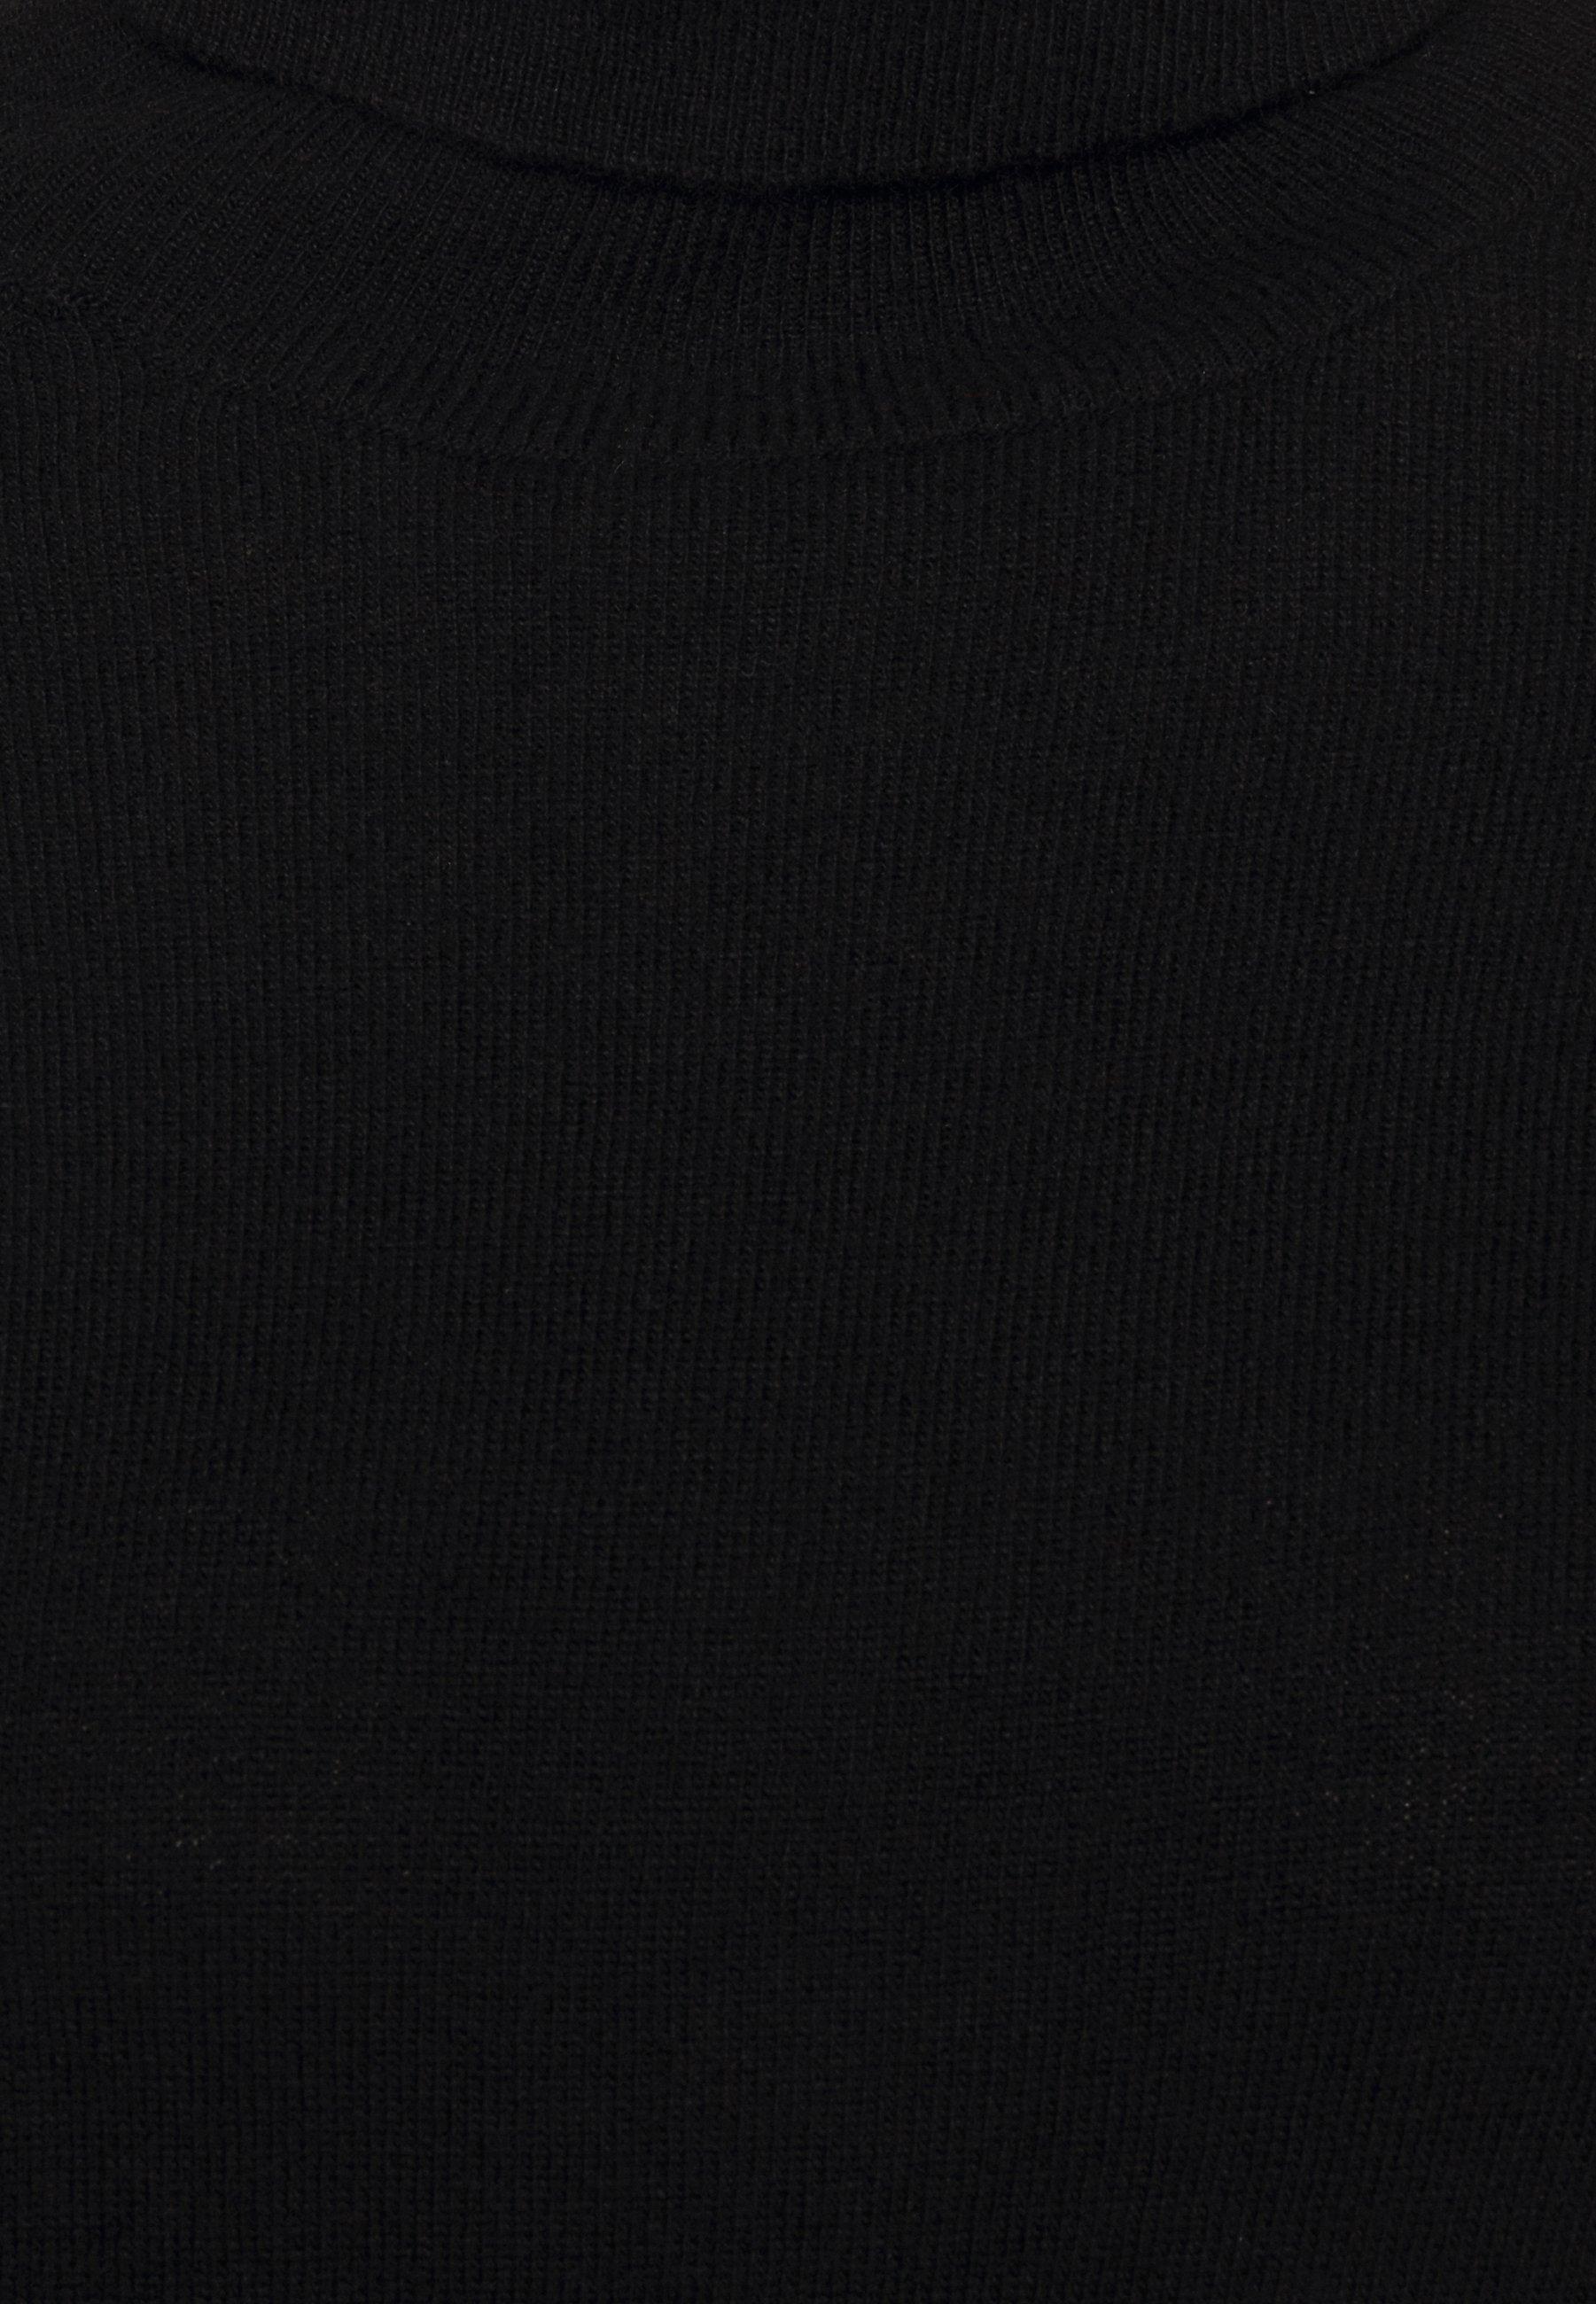 Marella MASSA - Pullover - nero - Pulls & Gilets Femme xZdhc